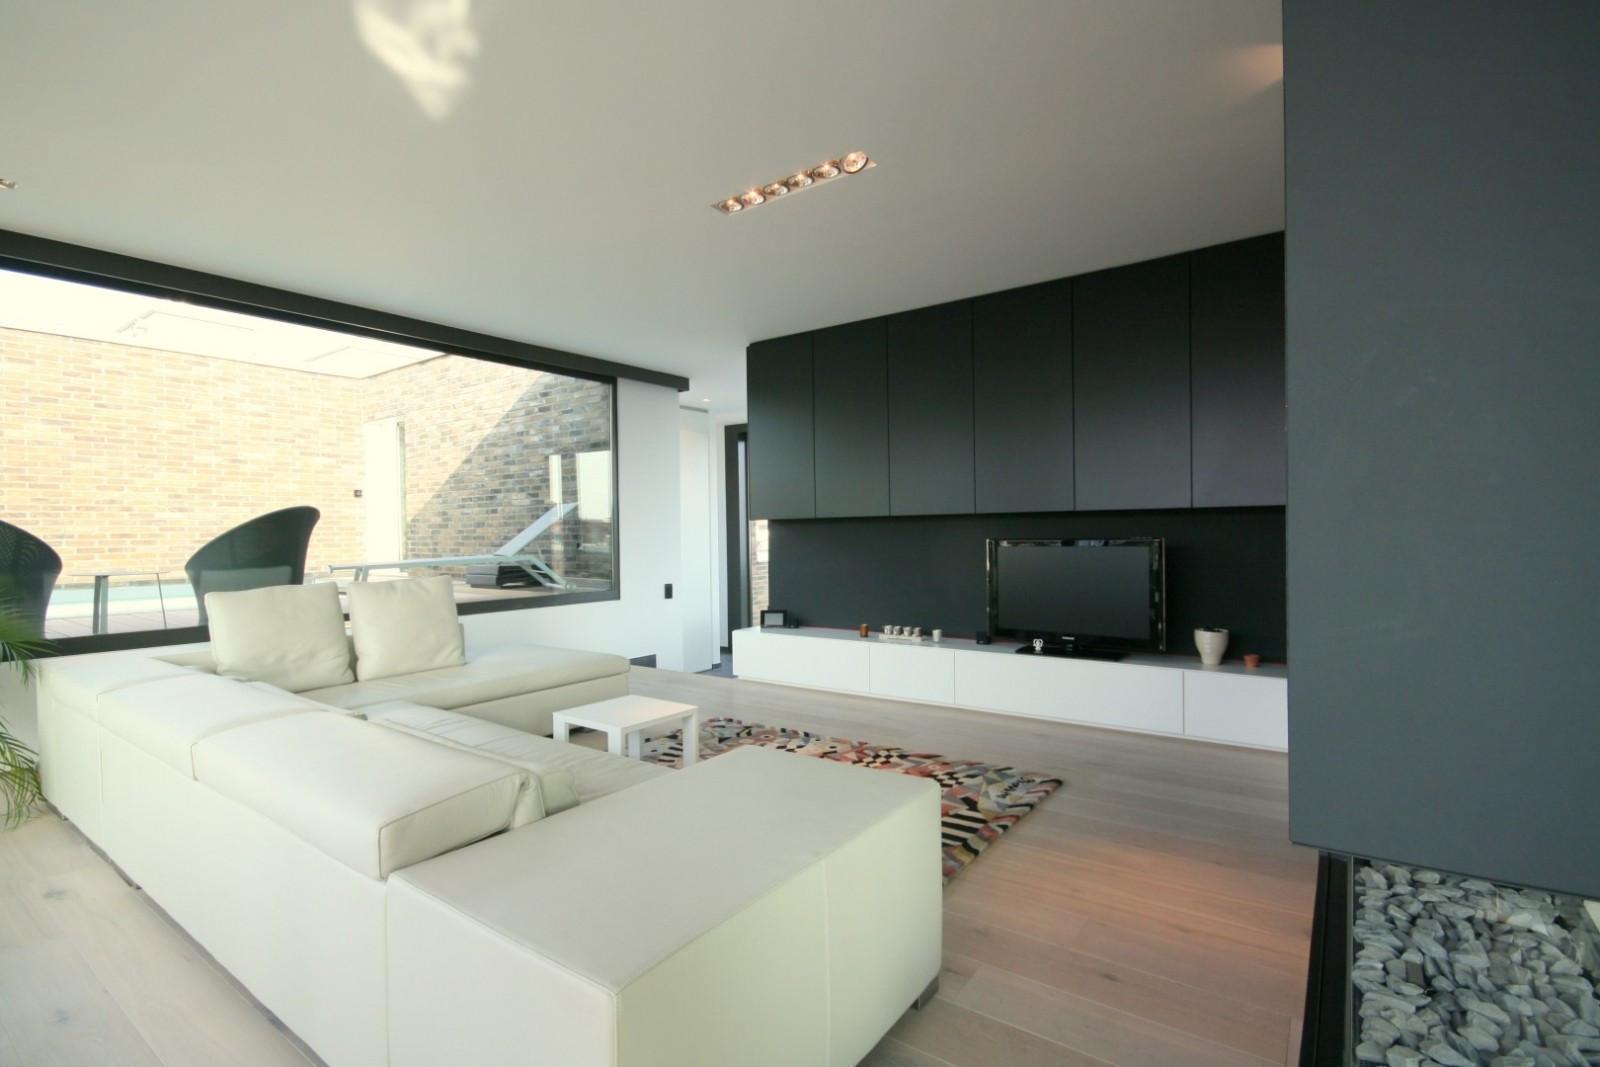 Design Kast Maatwerk : Maatkasten perfect passend in je woonkamer u a kast id kasten